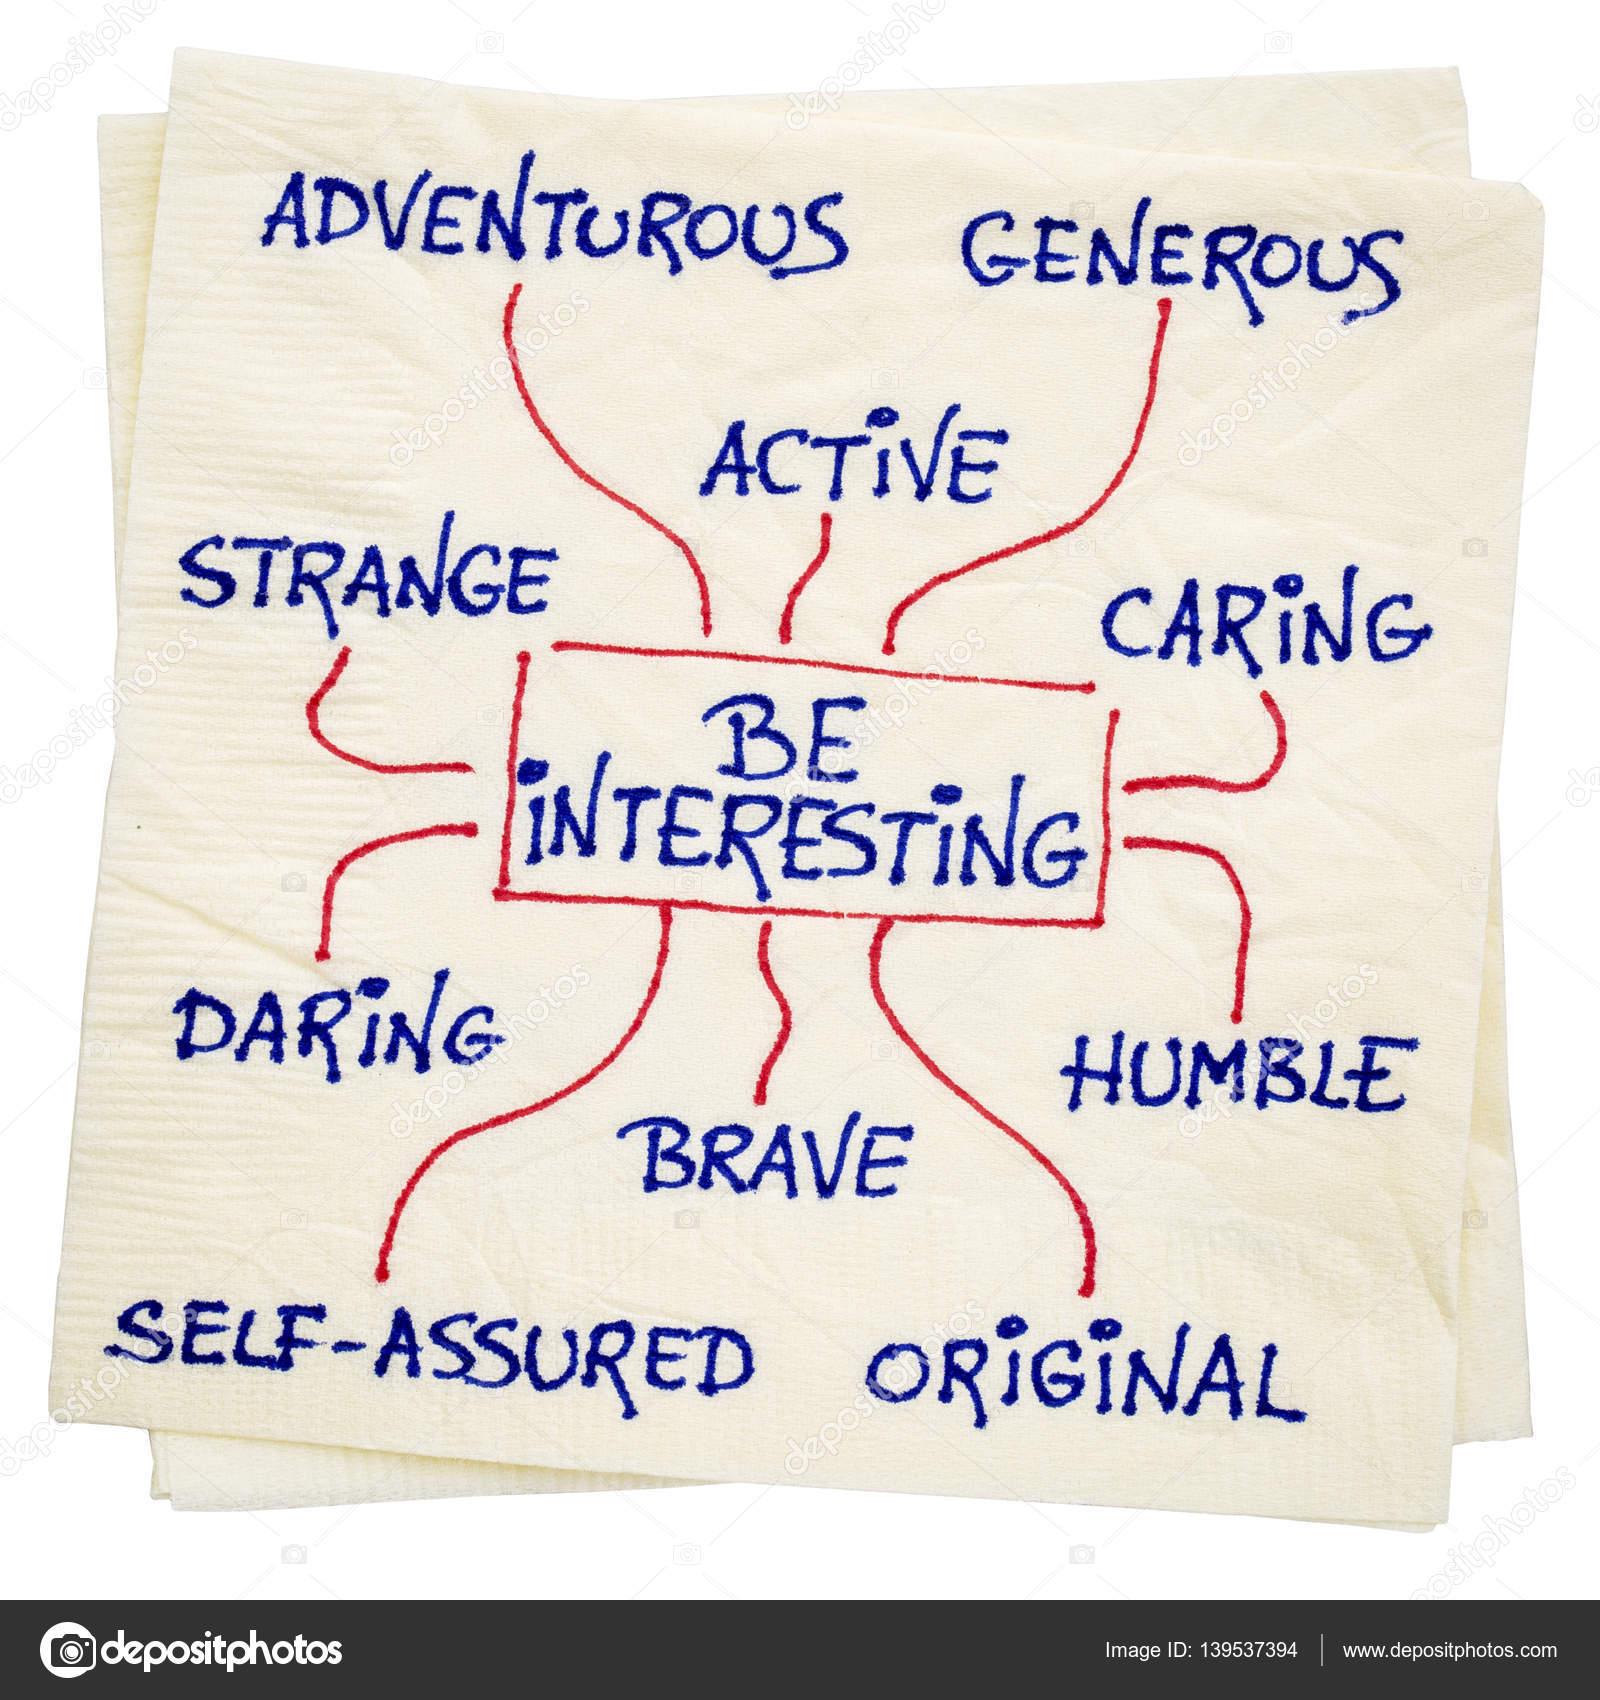 Wie man interessant wird - positive Charaktereigenschaften